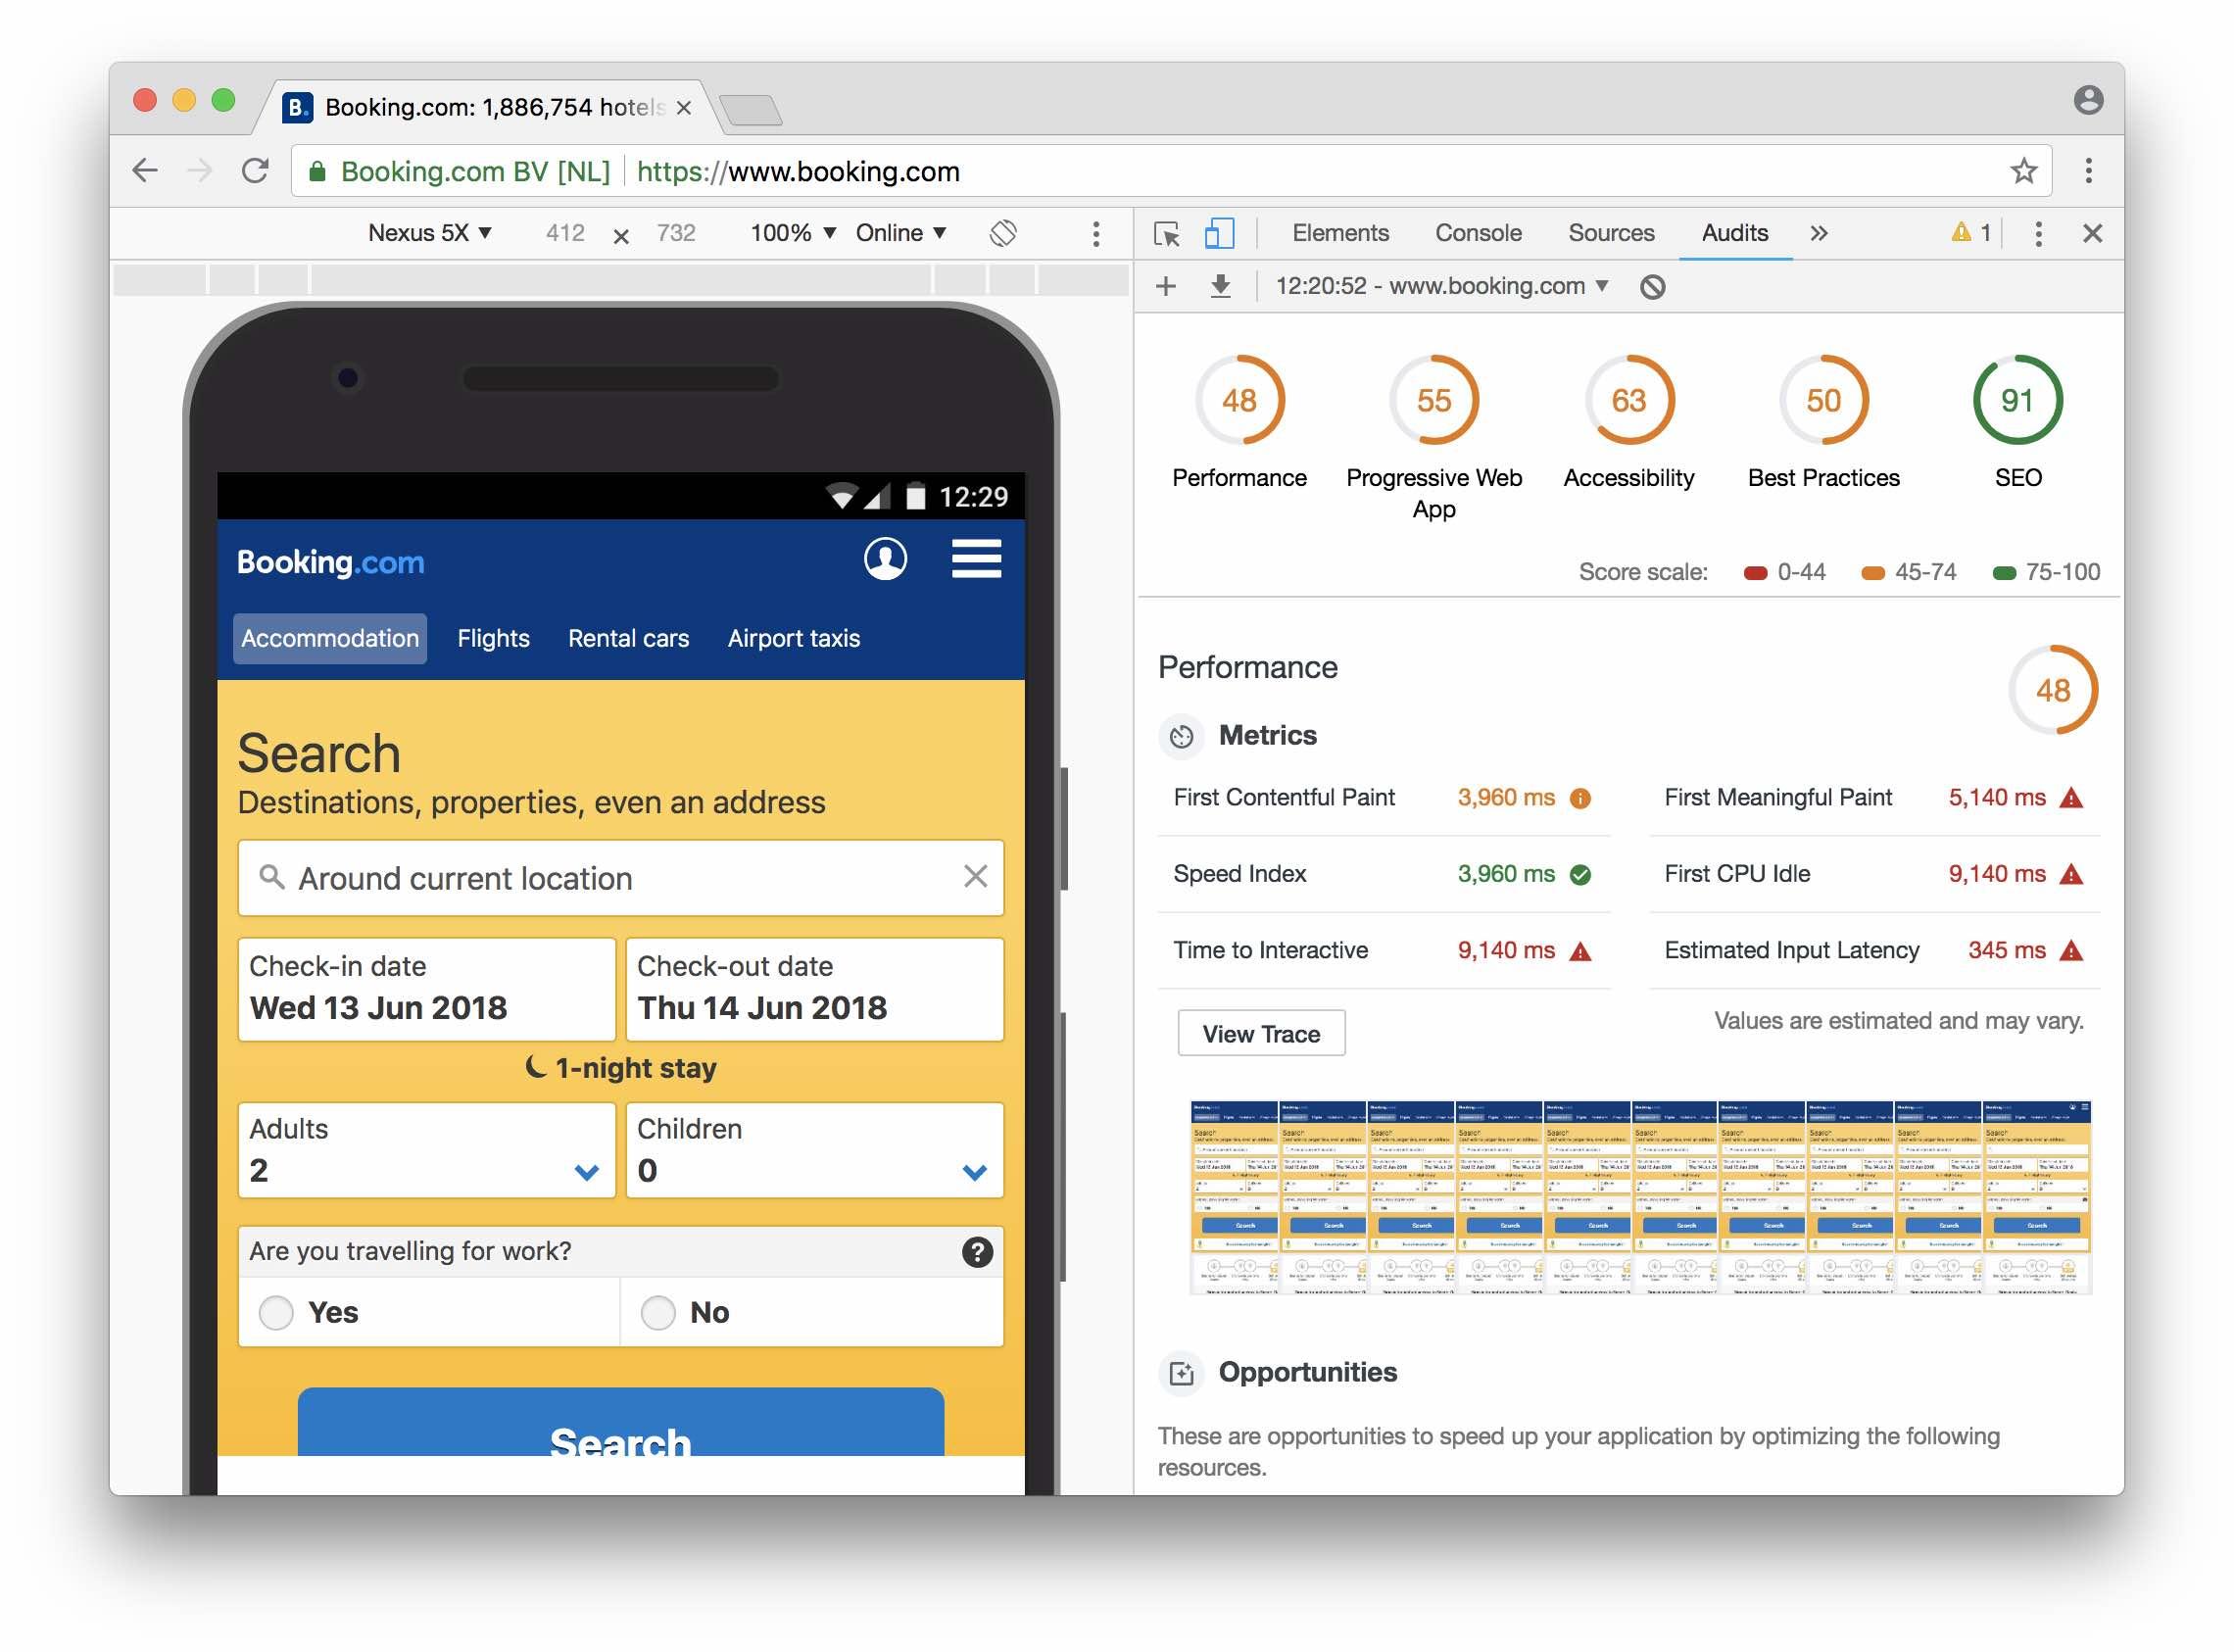 Могут ли PWA (Progressive Web Apps) образца 2018 года составить достойную конкуренцию нативным приложениям?